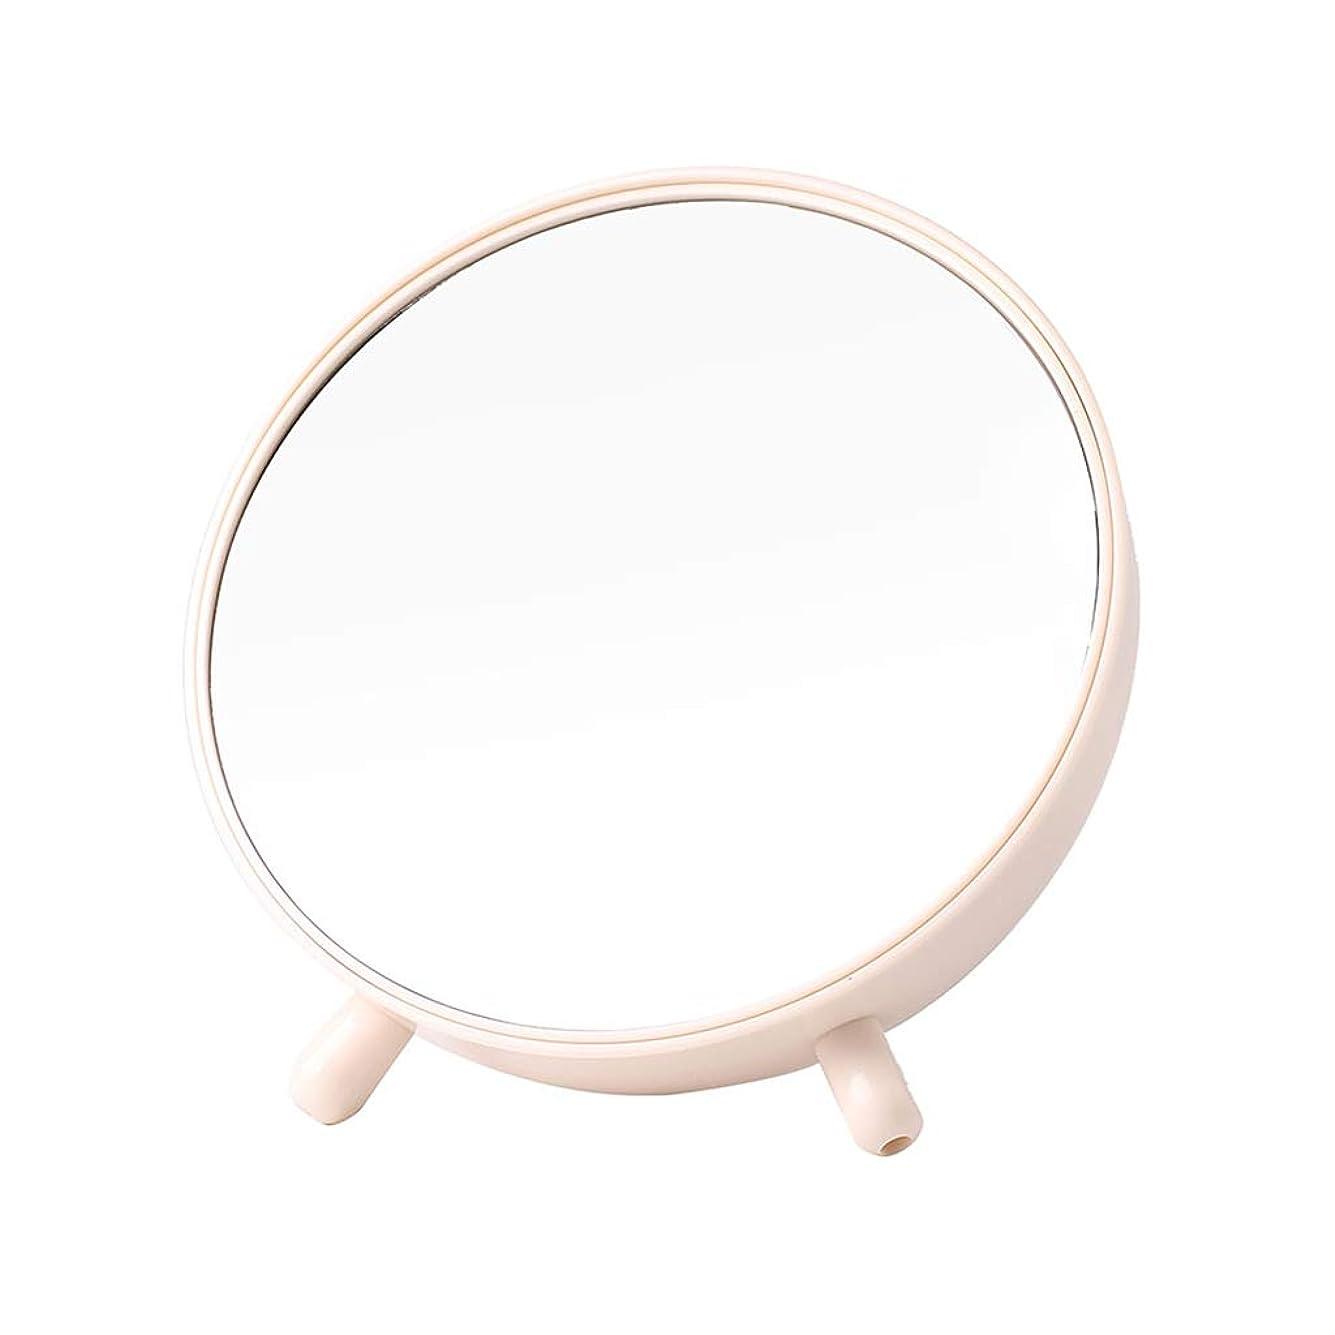 相対サイズパンサー共和国明るい鏡 ストレージドレッシングミラー、ラウンドクリエイティブ家庭用デスクトップ学生ドミトリールーム多機能ポータブルメイクミラー メイクアップとミラー (Color : White)